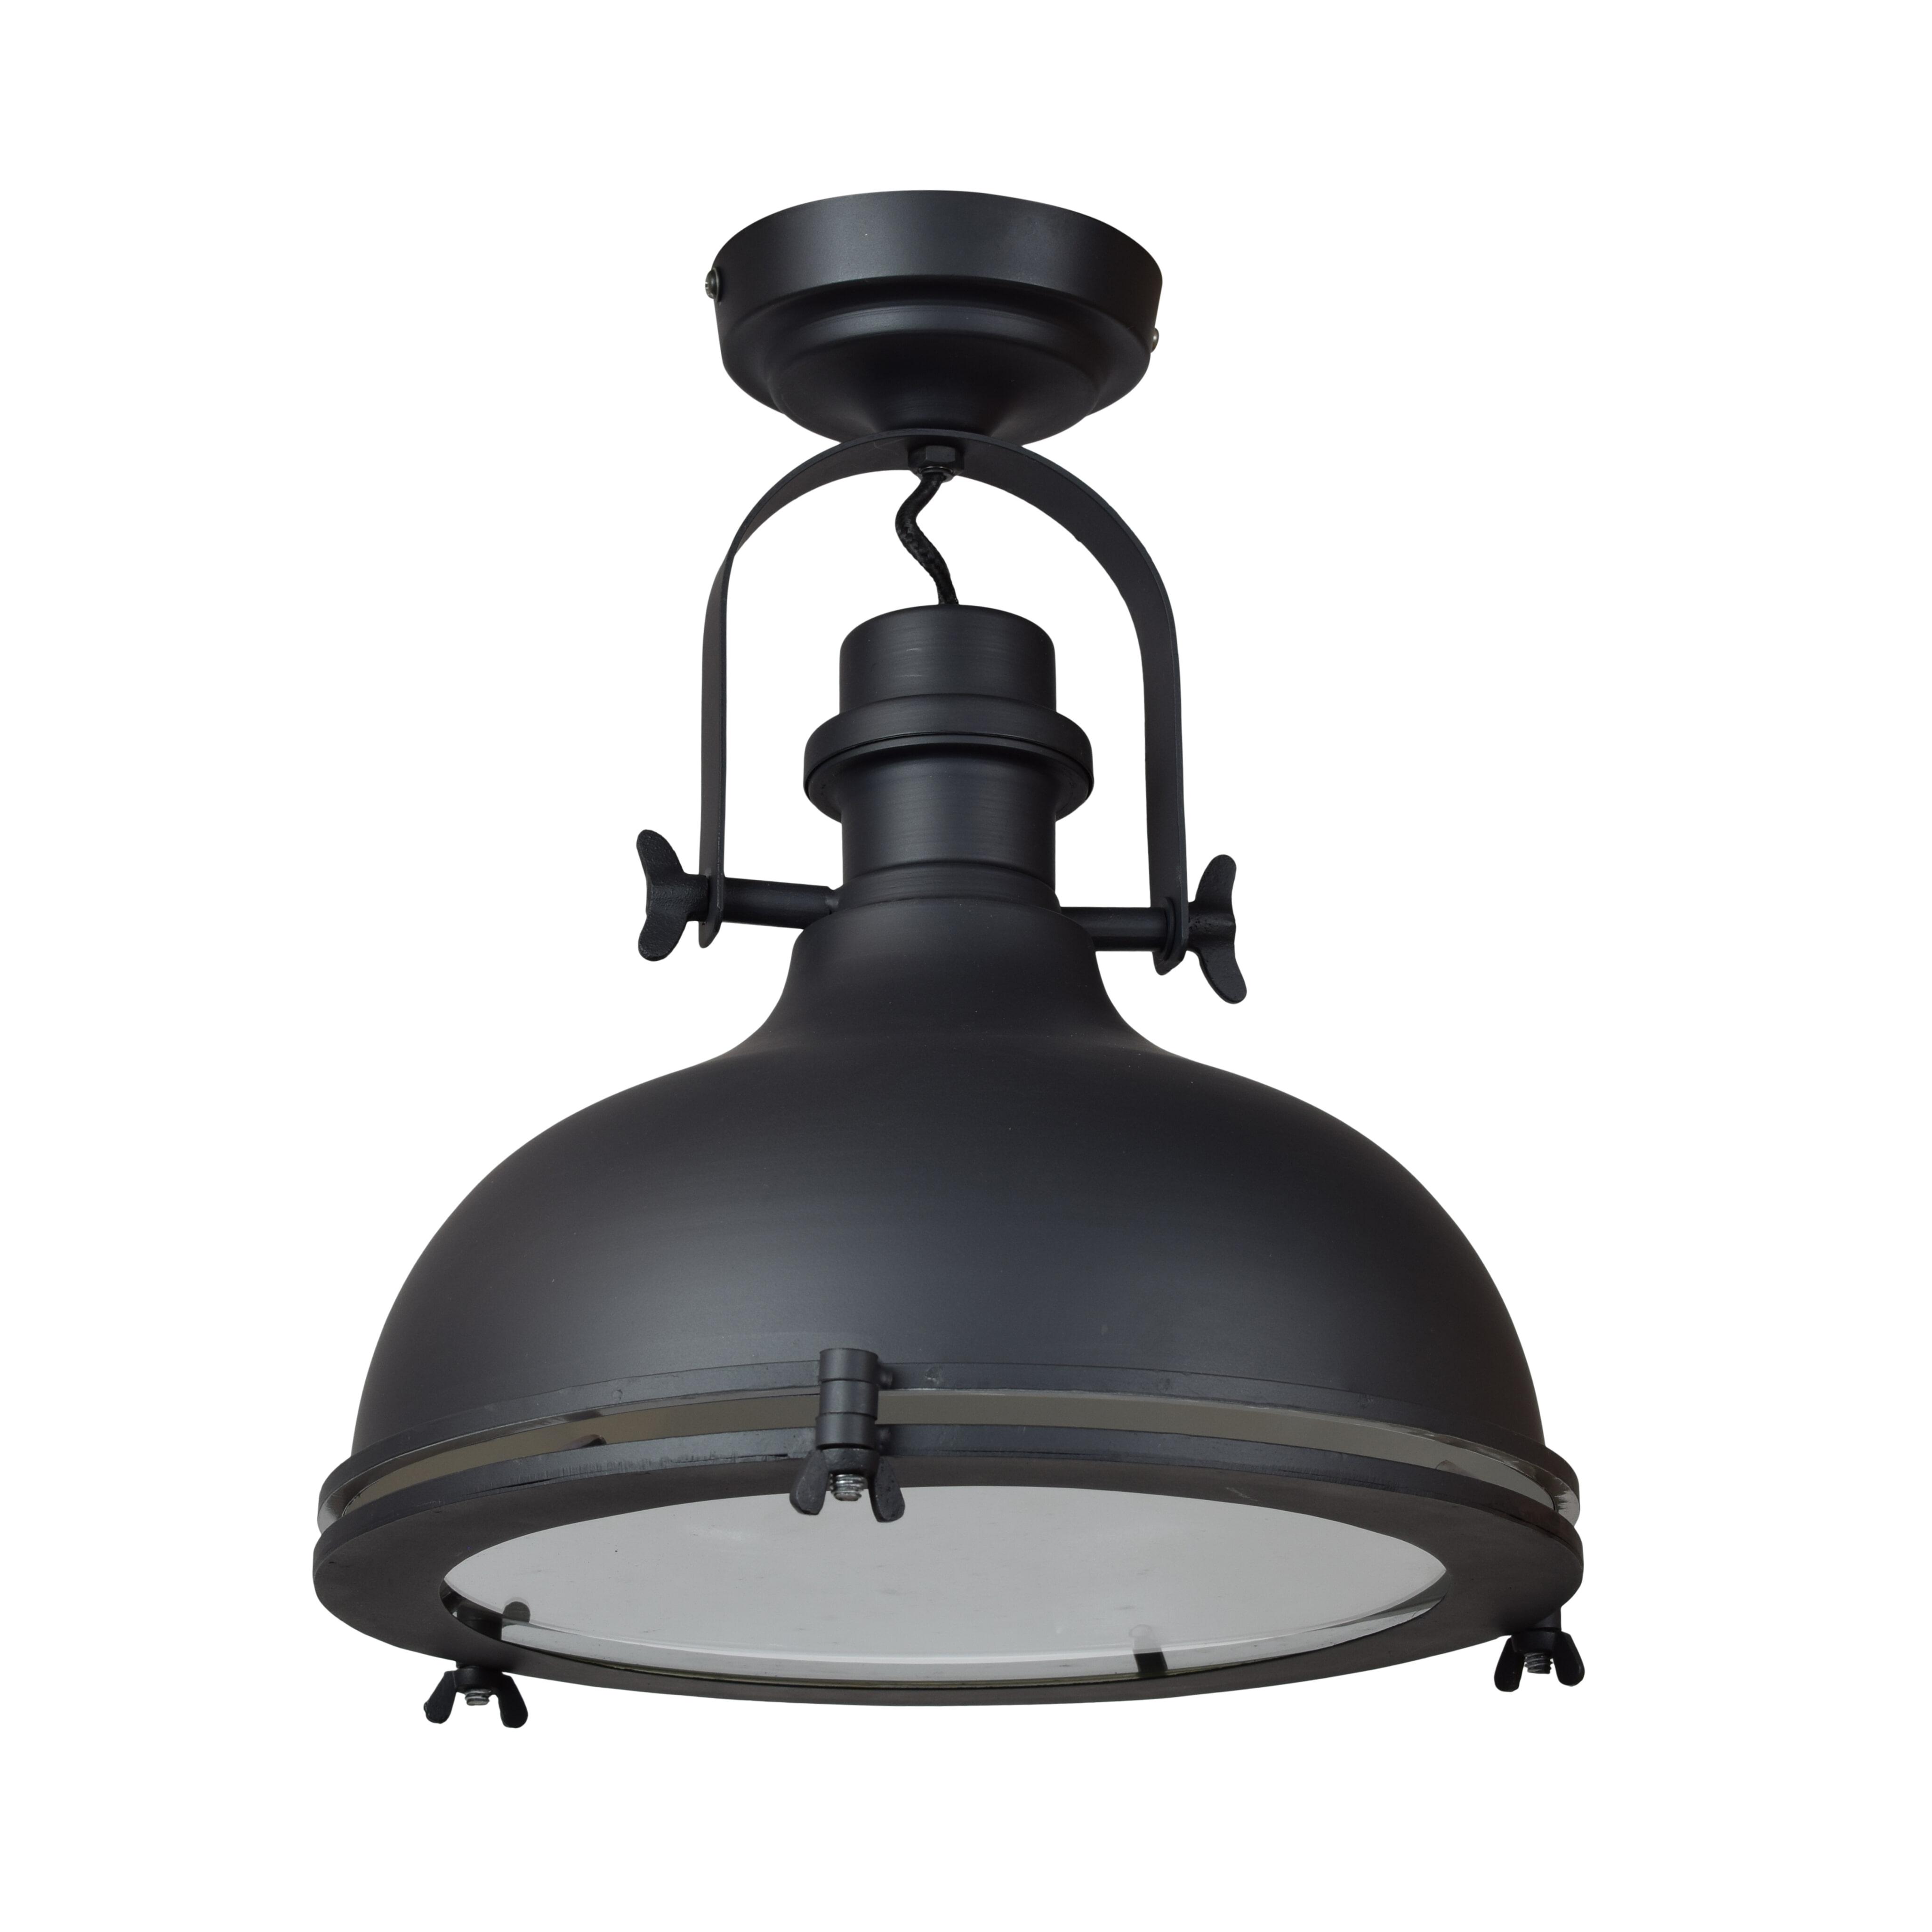 Urban Interiors plafondlamp 'Harvey ?32cm.', kleur Mat Zwart Verlichting   Plafondlampen vergelijken doe je het voordeligst hier bij Meubelpartner